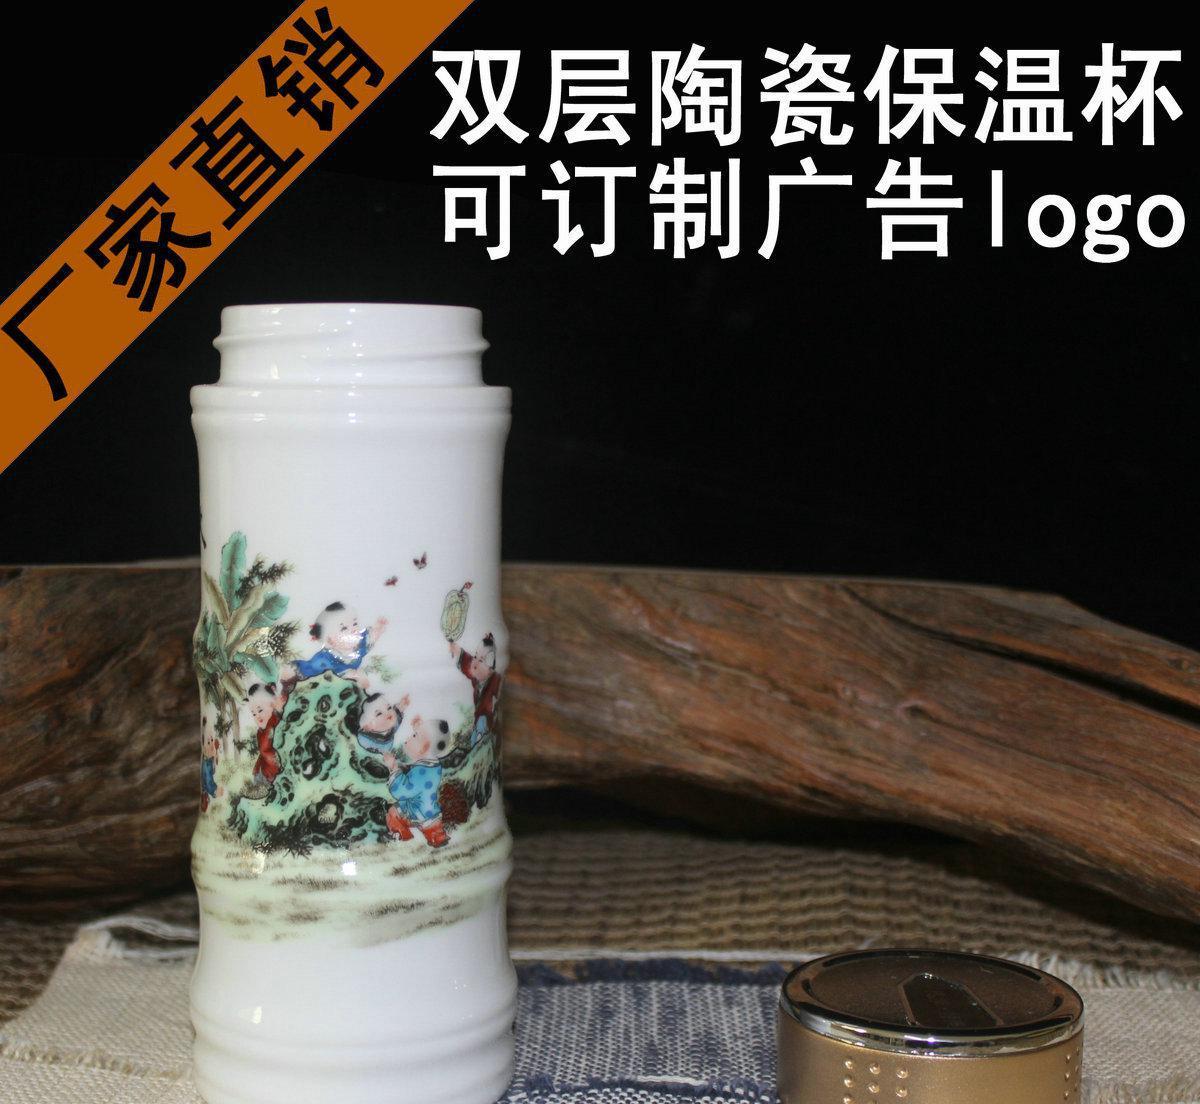 景德镇双层内胆全陶瓷保温杯青花新品里外陶瓷定制打标雪景1